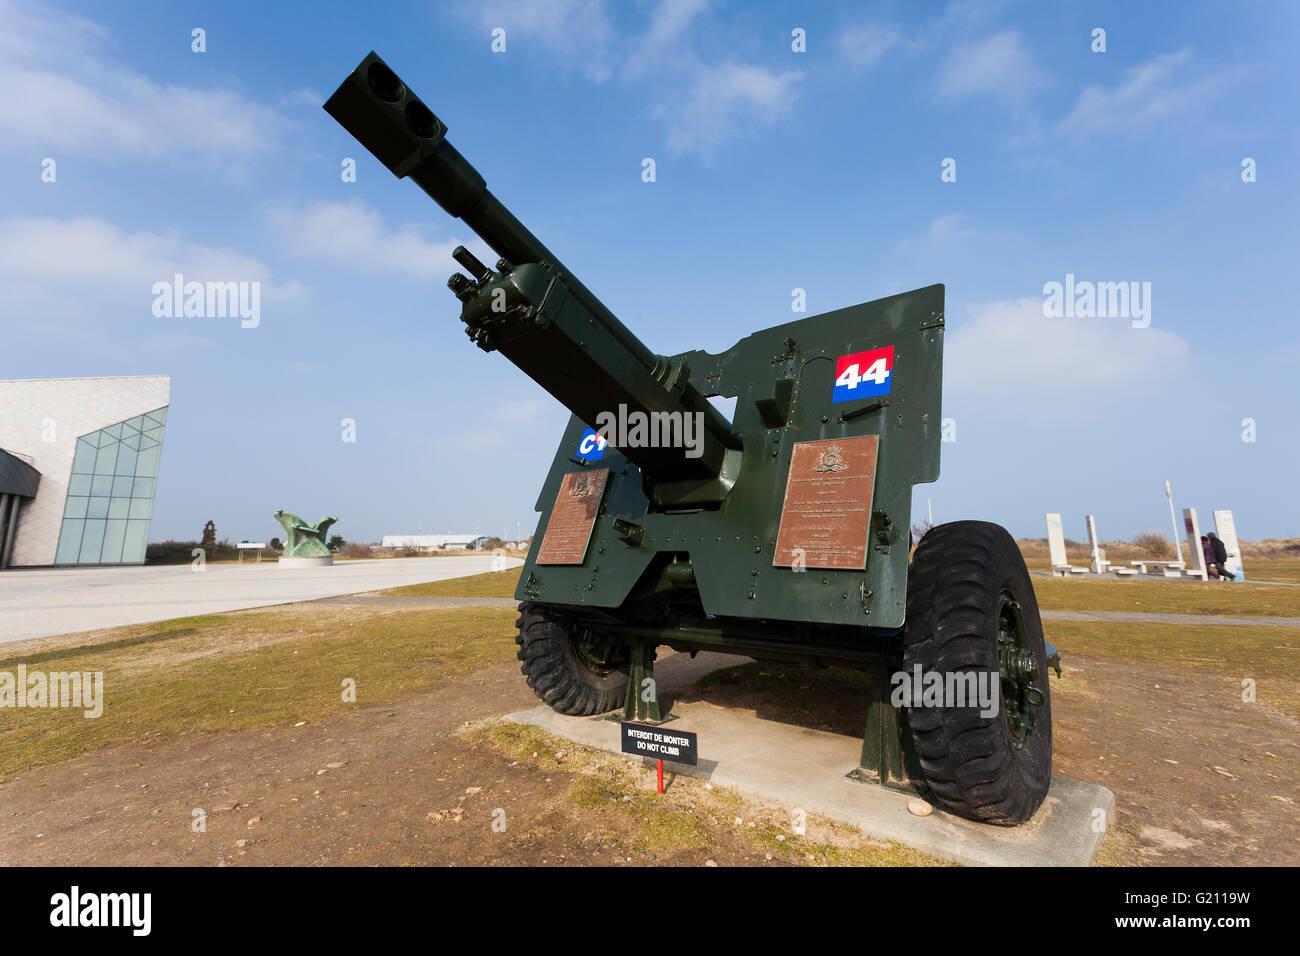 Centro canadiense de artillería, Juno Beach, Courseulles-Sur-Mer, zona de playas del Día-D, departamento Imagen De Stock